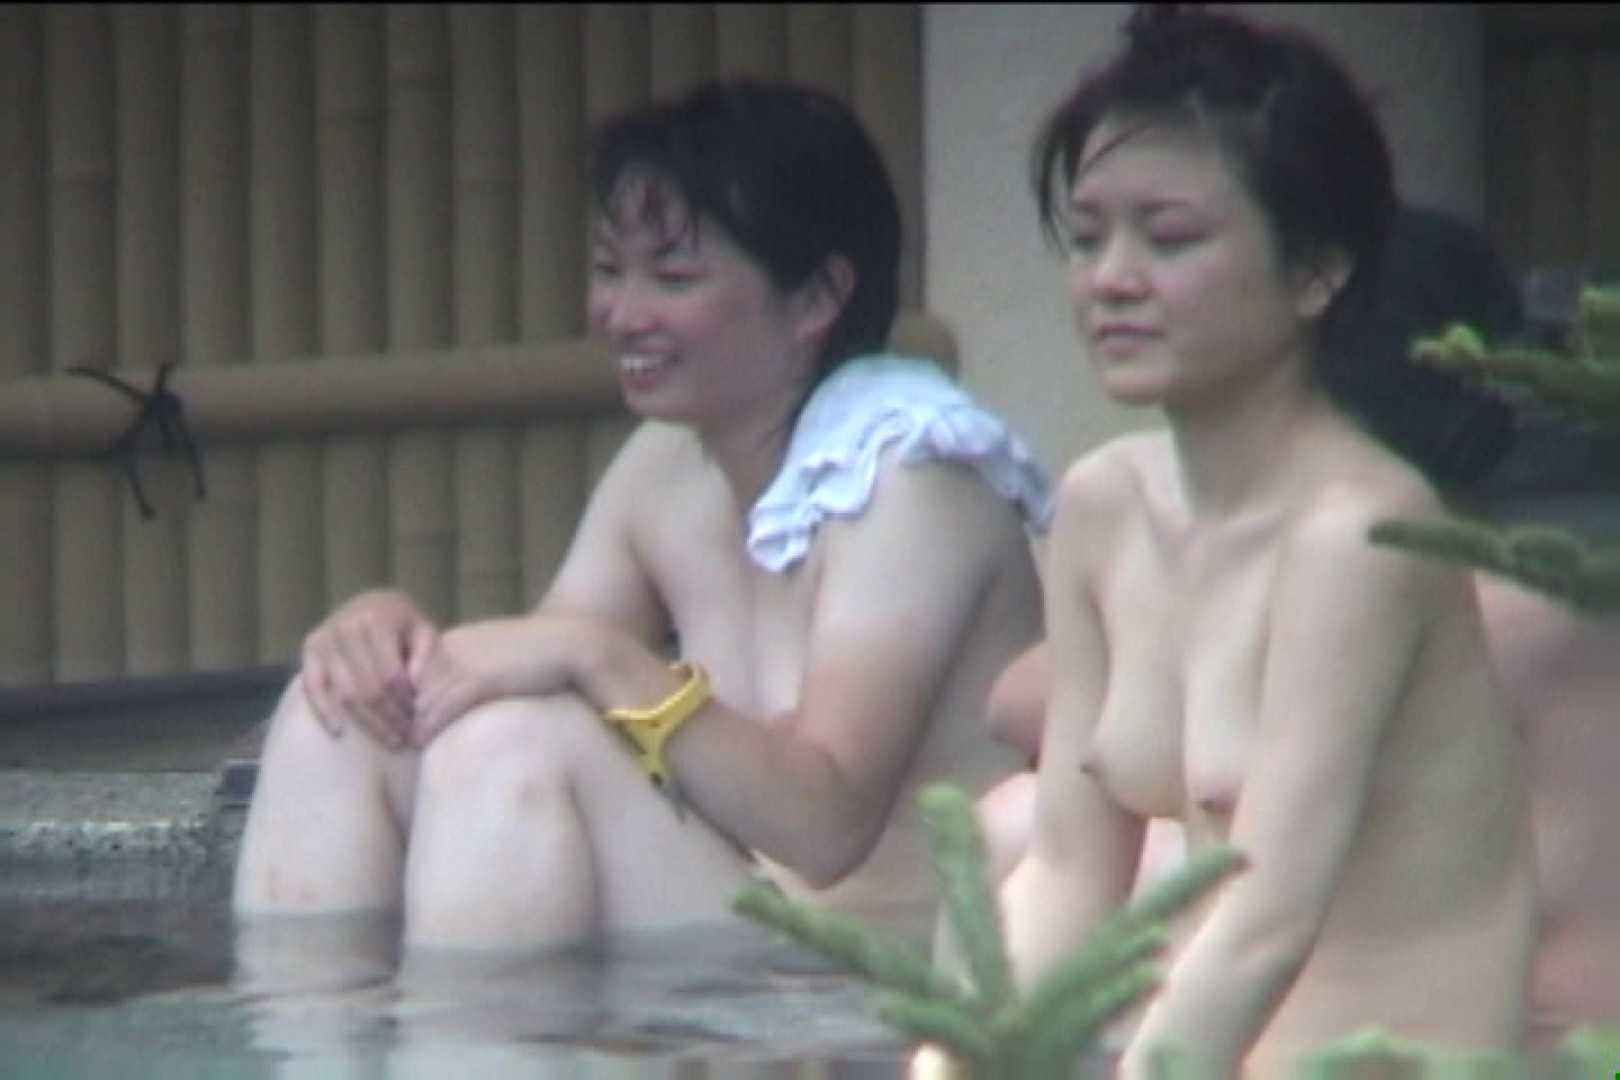 Aquaな露天風呂Vol.94【VIP限定】 盗撮シリーズ  111PIX 2